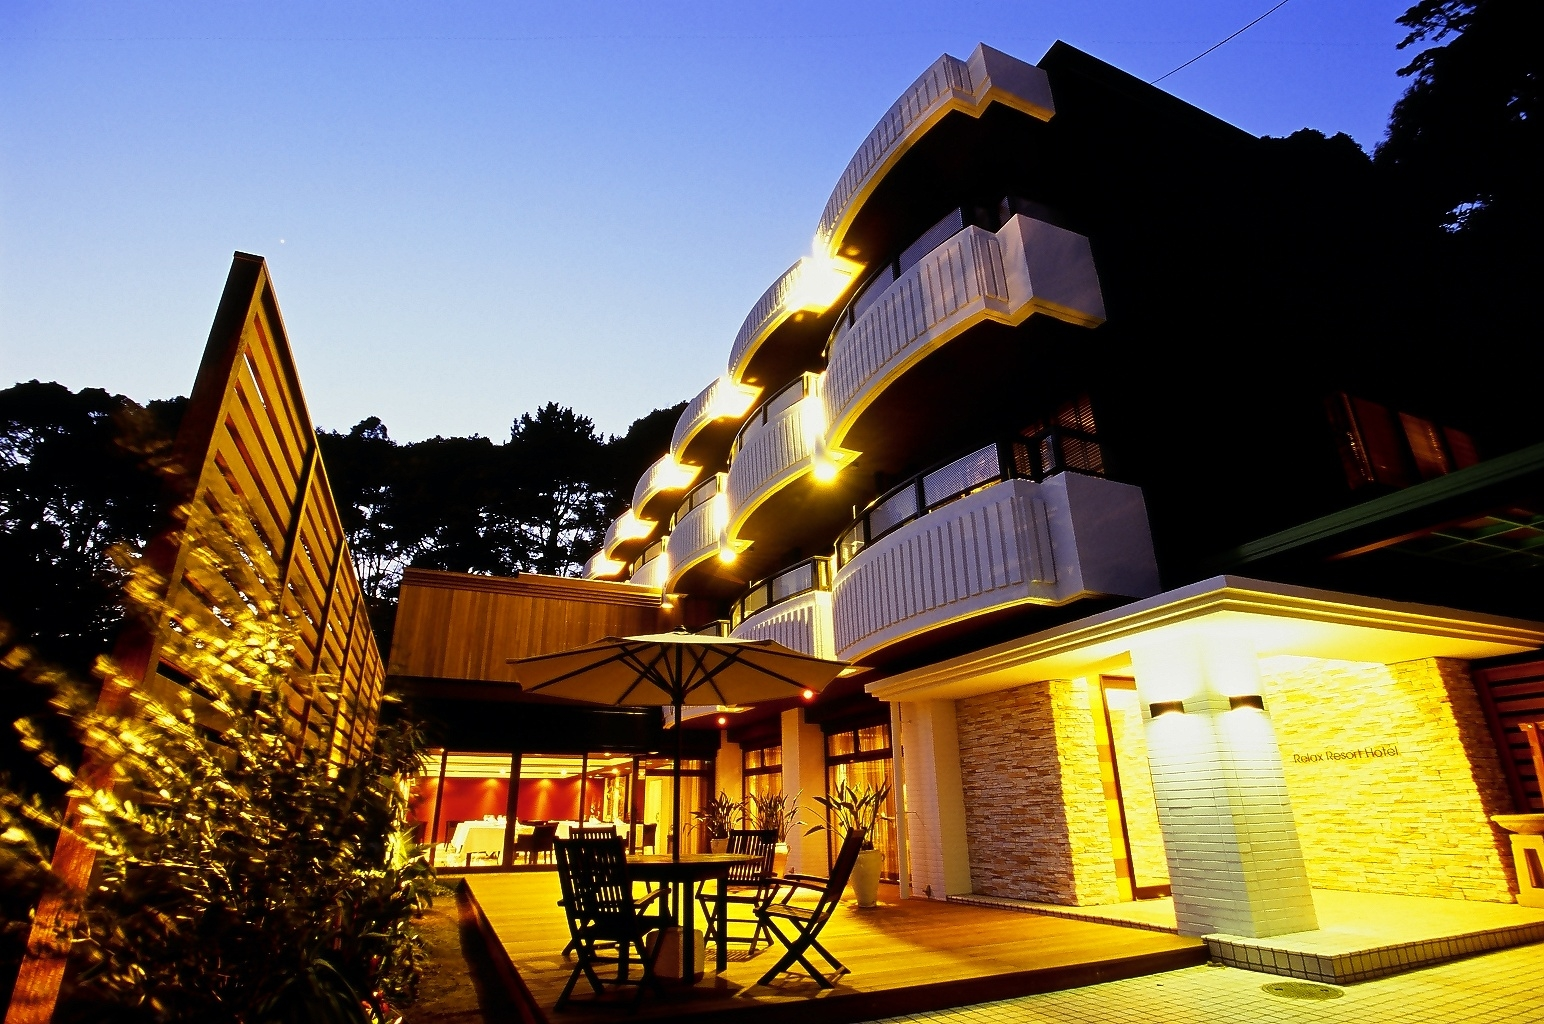 「美食」「温泉」「極上エステ」で別荘のような隠れ家ホテル